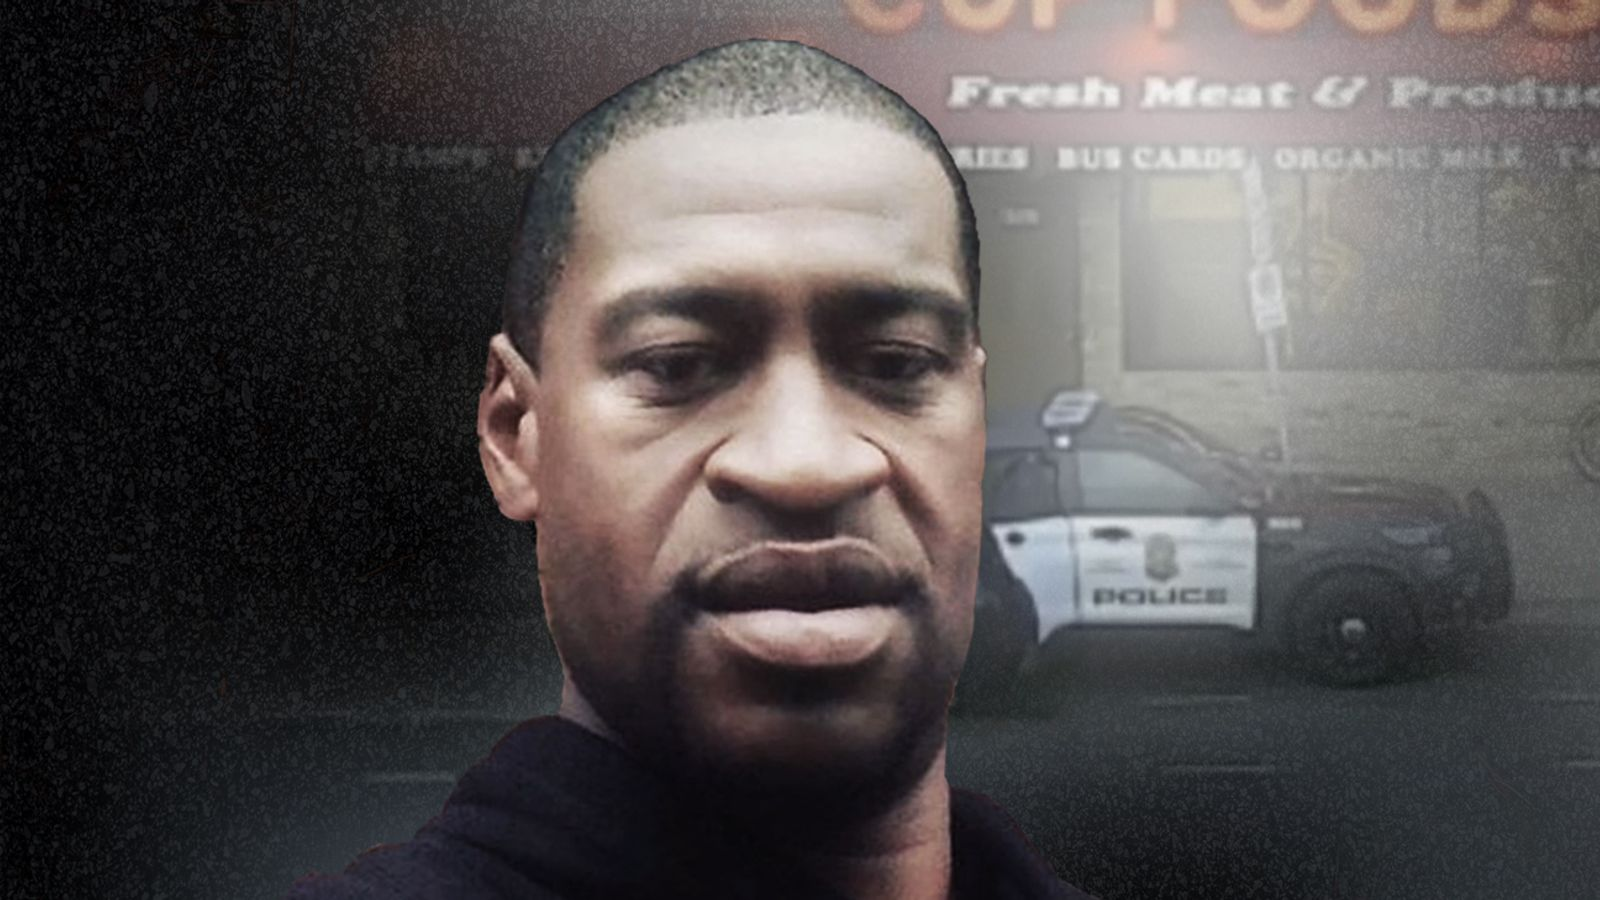 अमेरिकाको चर्चित फ्लोयड हत्या काण्डमा प्रहरीलाई २२ वर्ष ५ महिनाको जेल सजाय